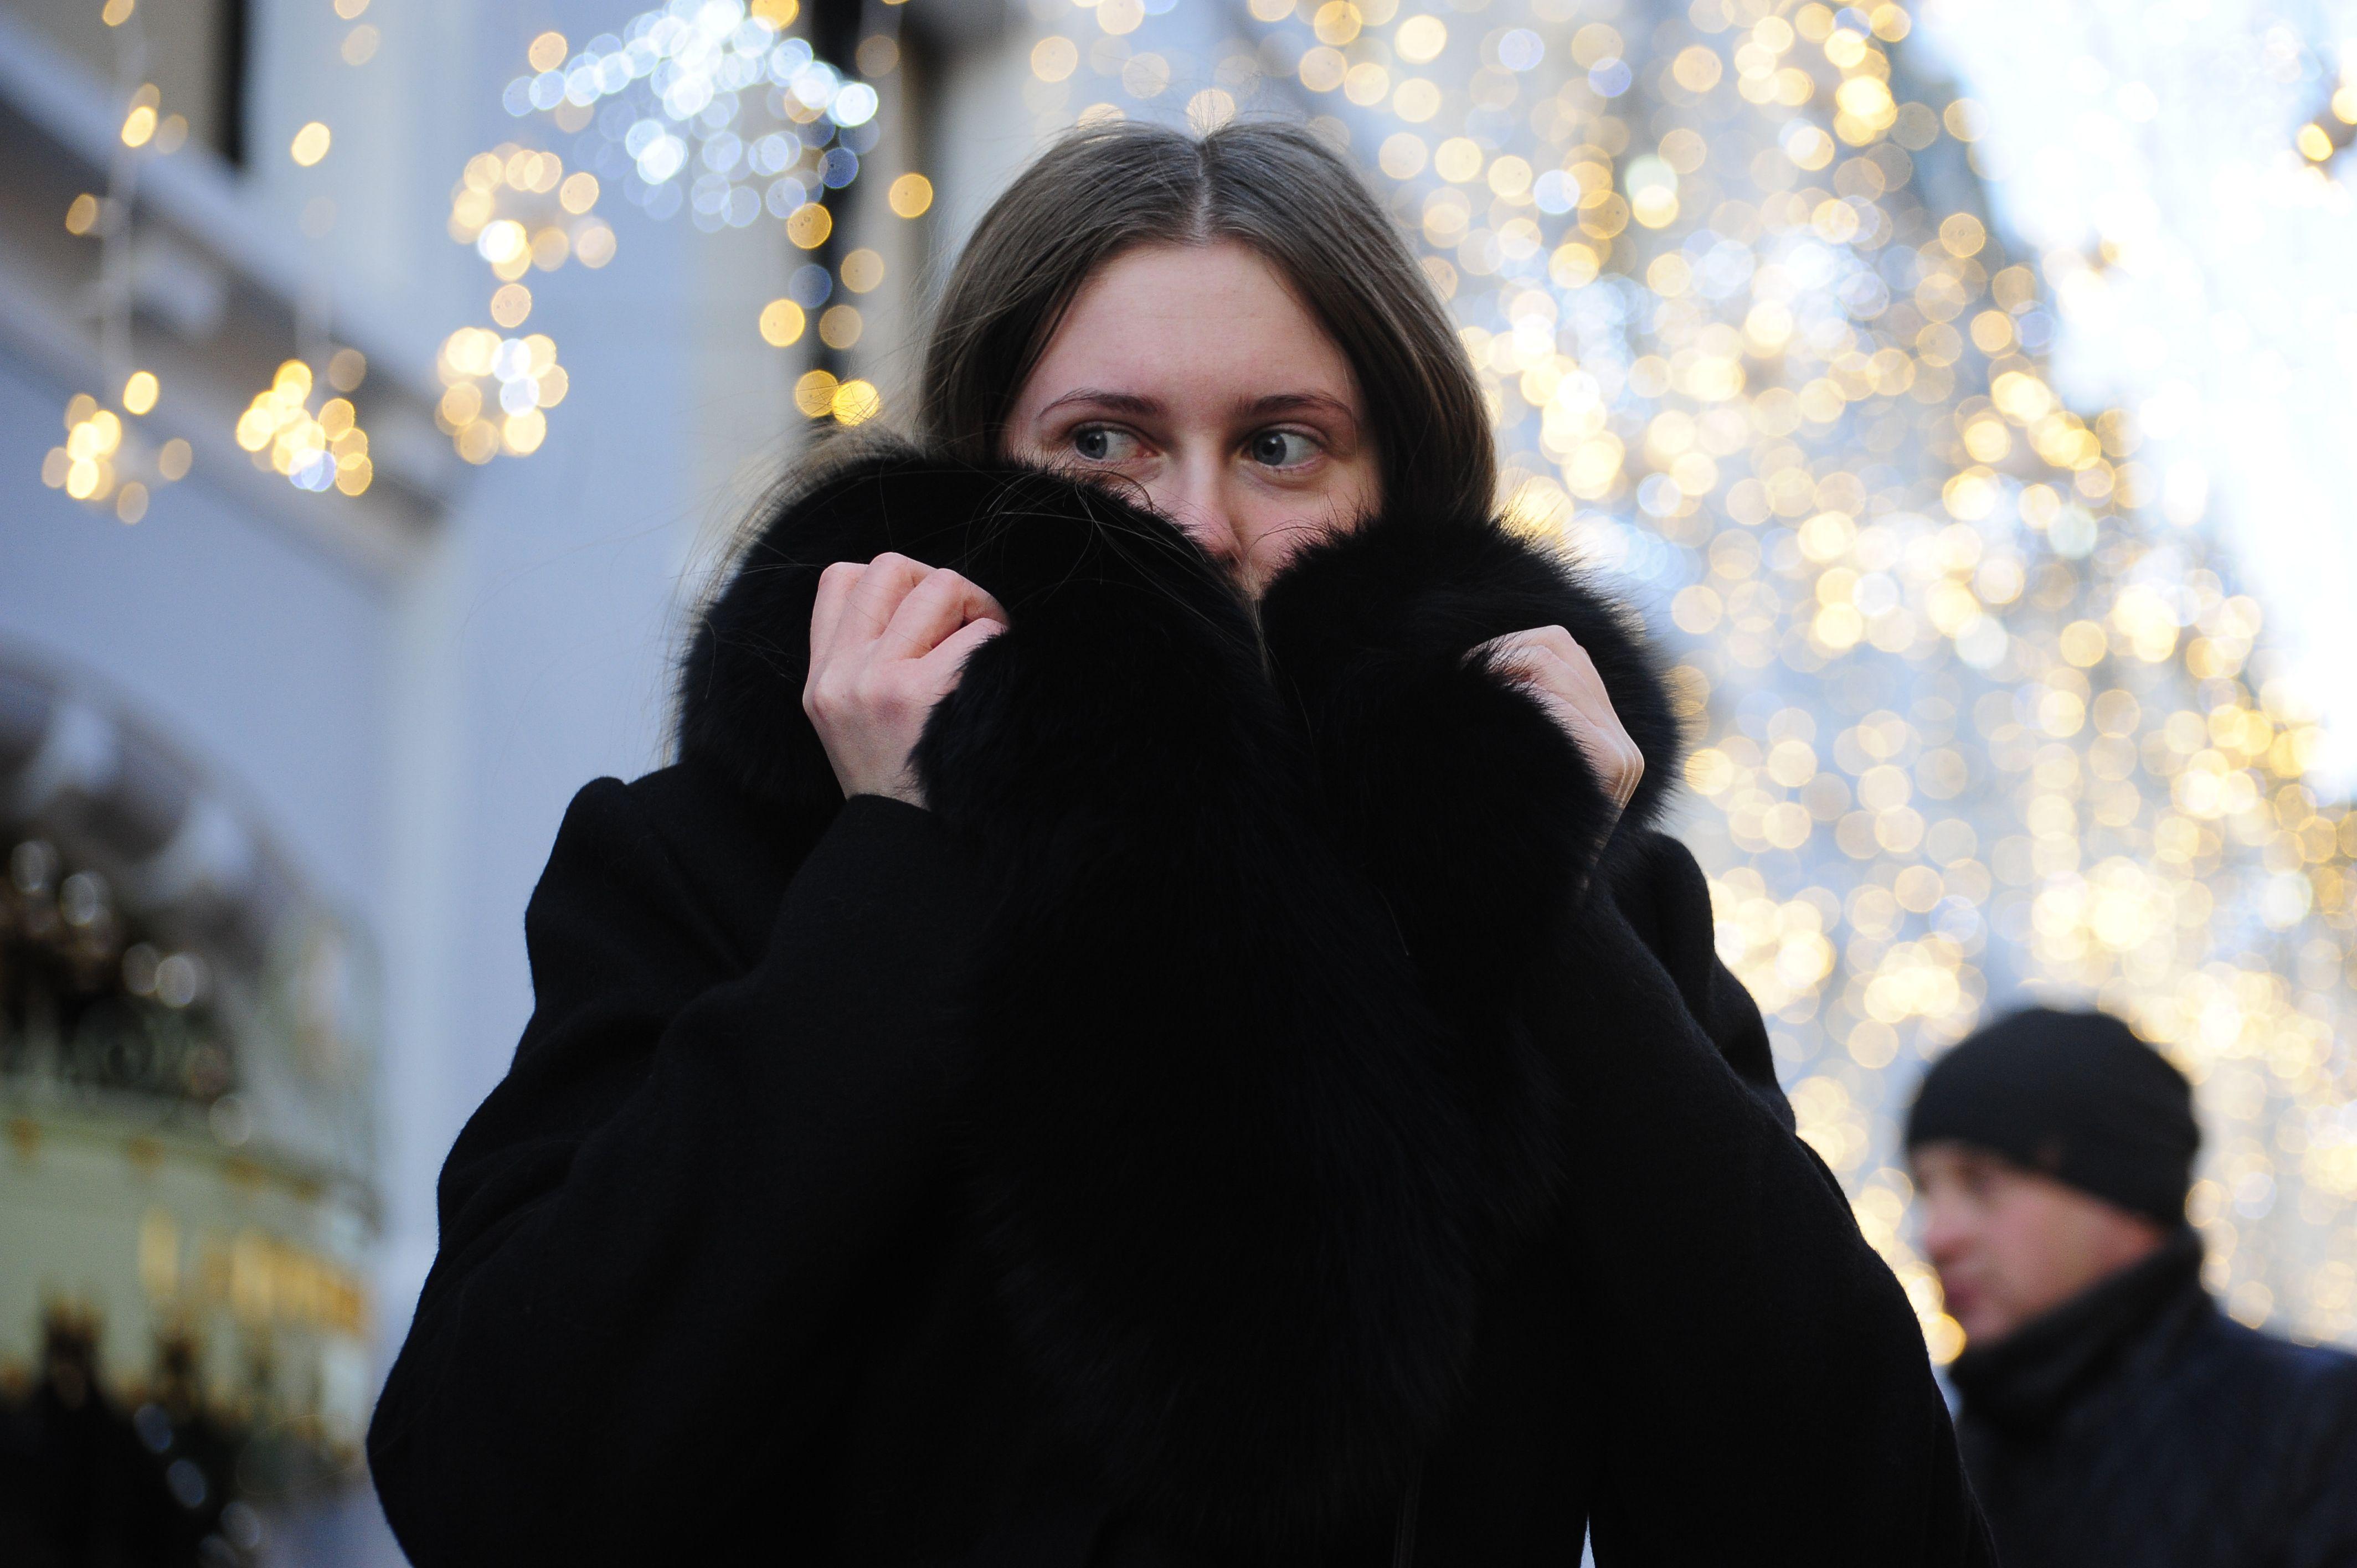 Ночная температура в Москве понизится до 15 градусов мороза